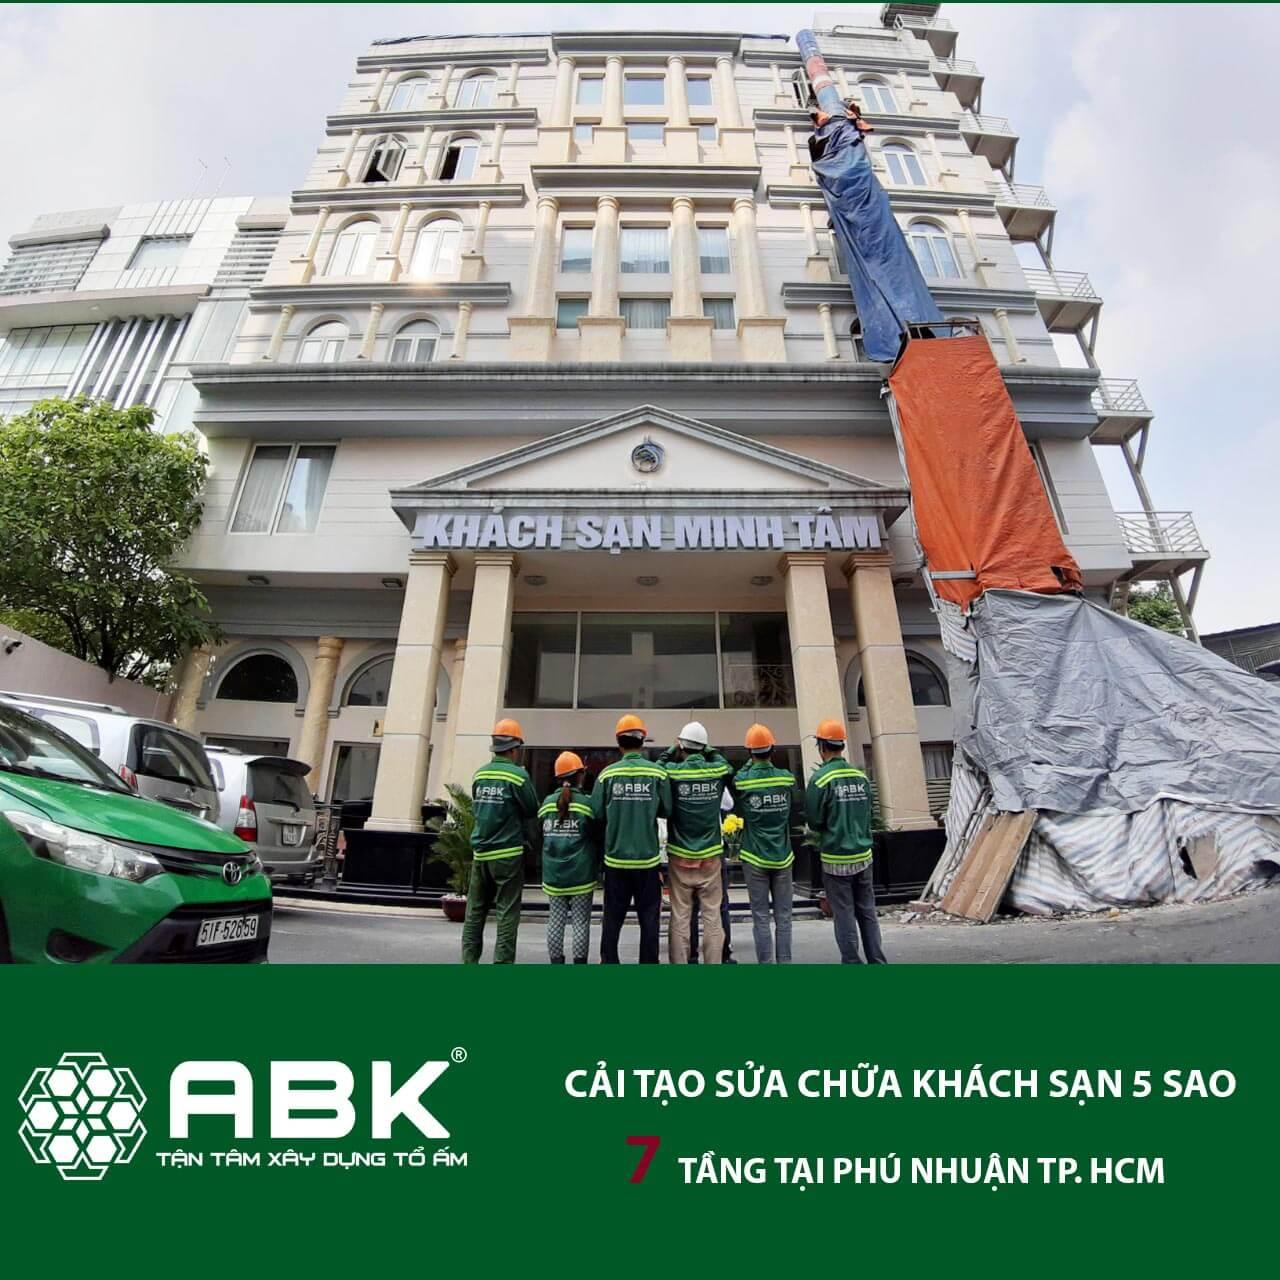 Khởi công sửa chữa cải tạo khách sạn 7 tầng – Phú Nhuận